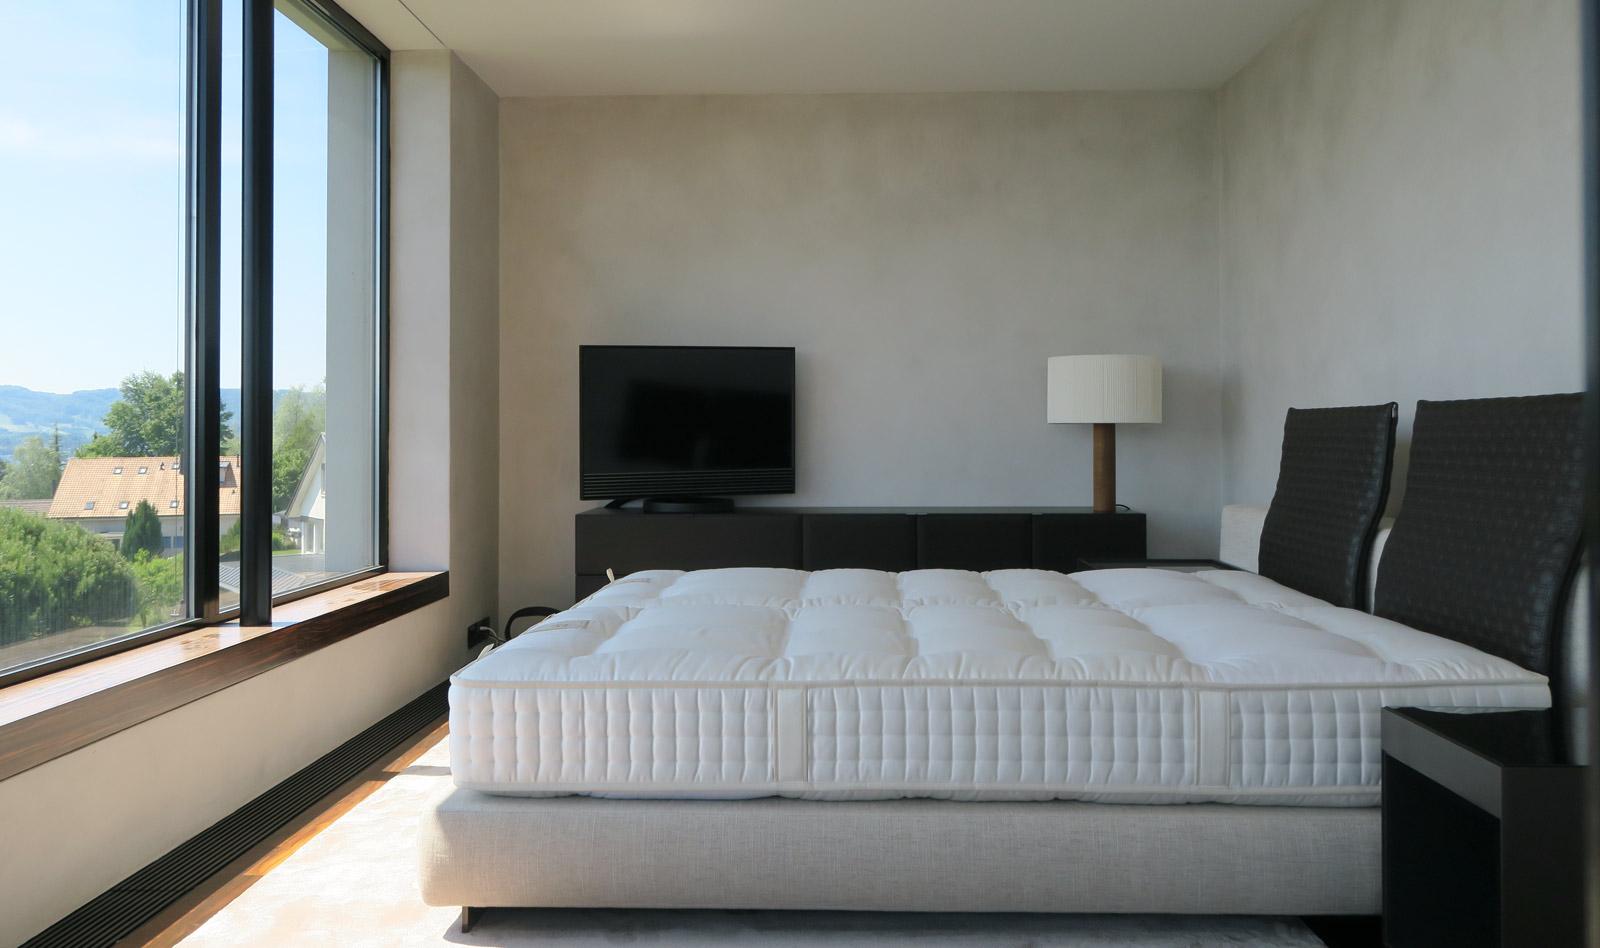 projekt-schlafzimmer-zuerich